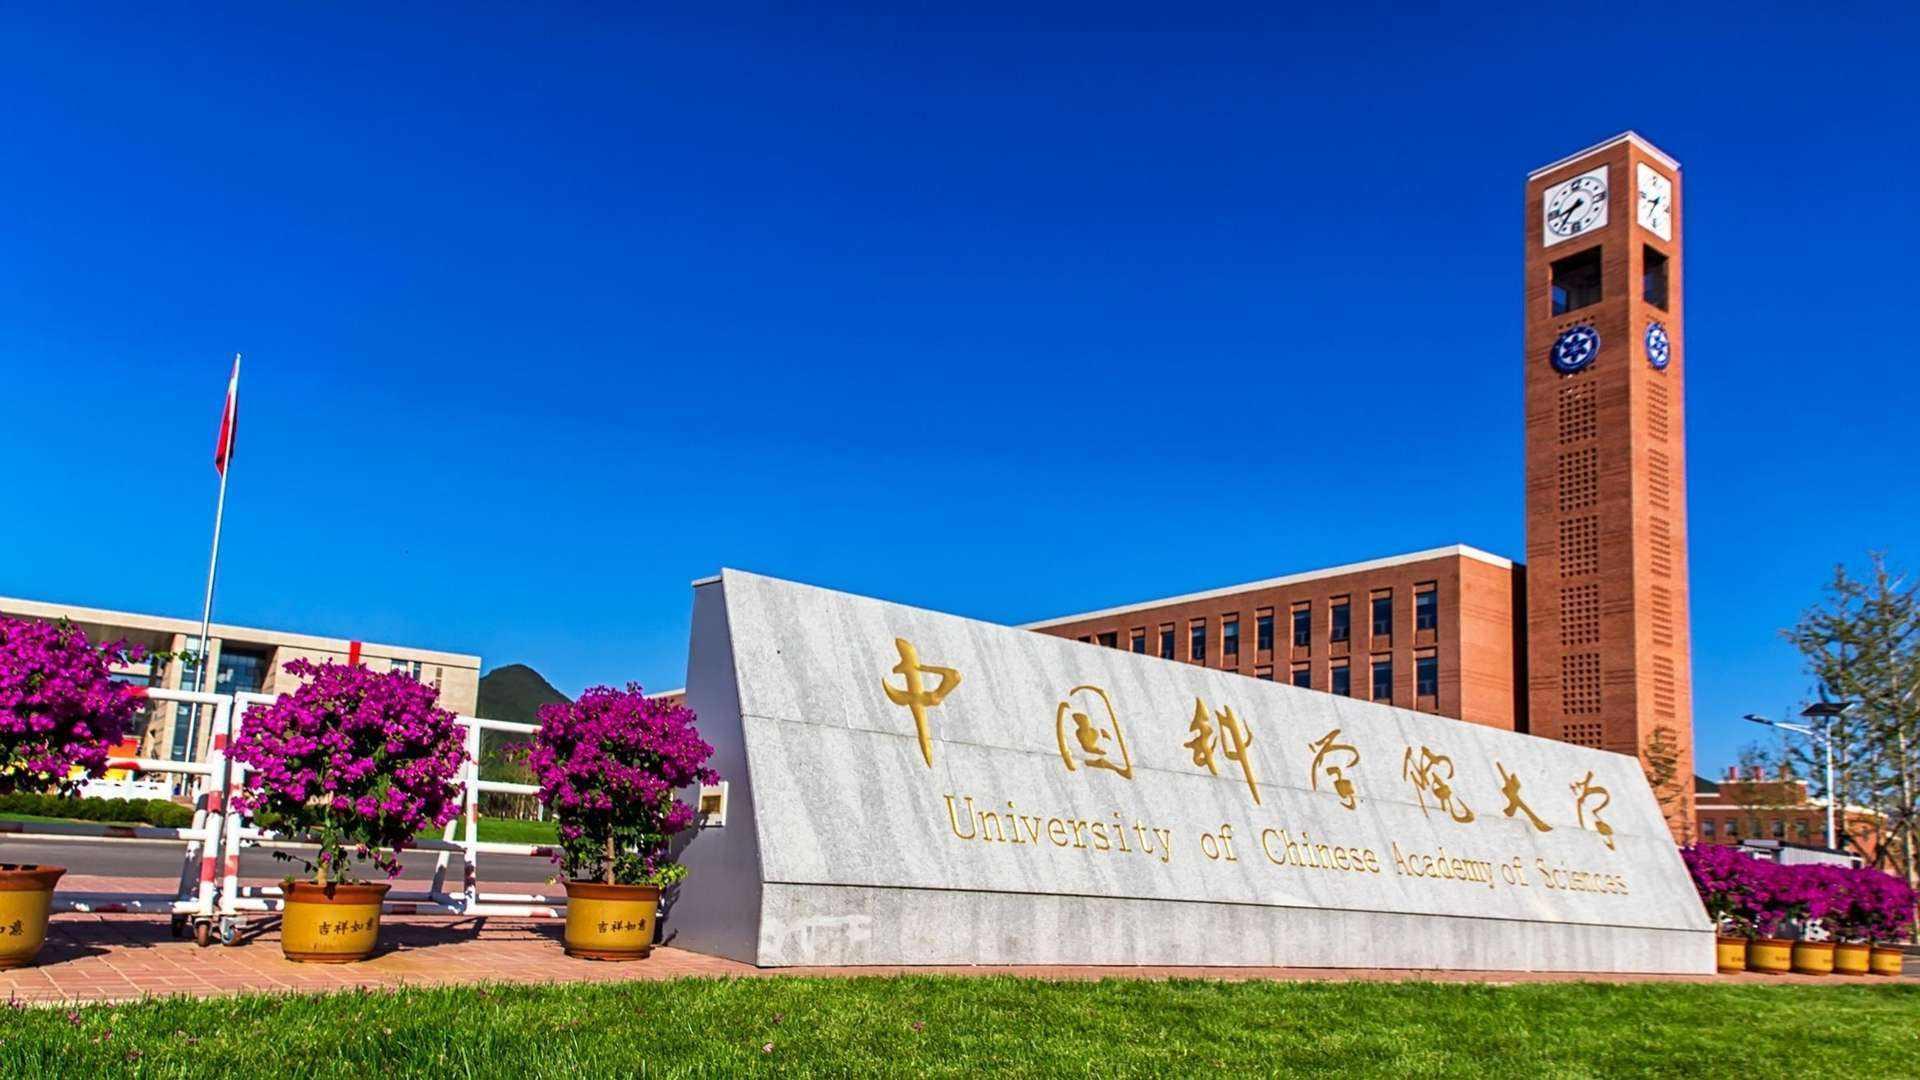 中国科学院大学面向江苏、河南等12省份招收400名本科生